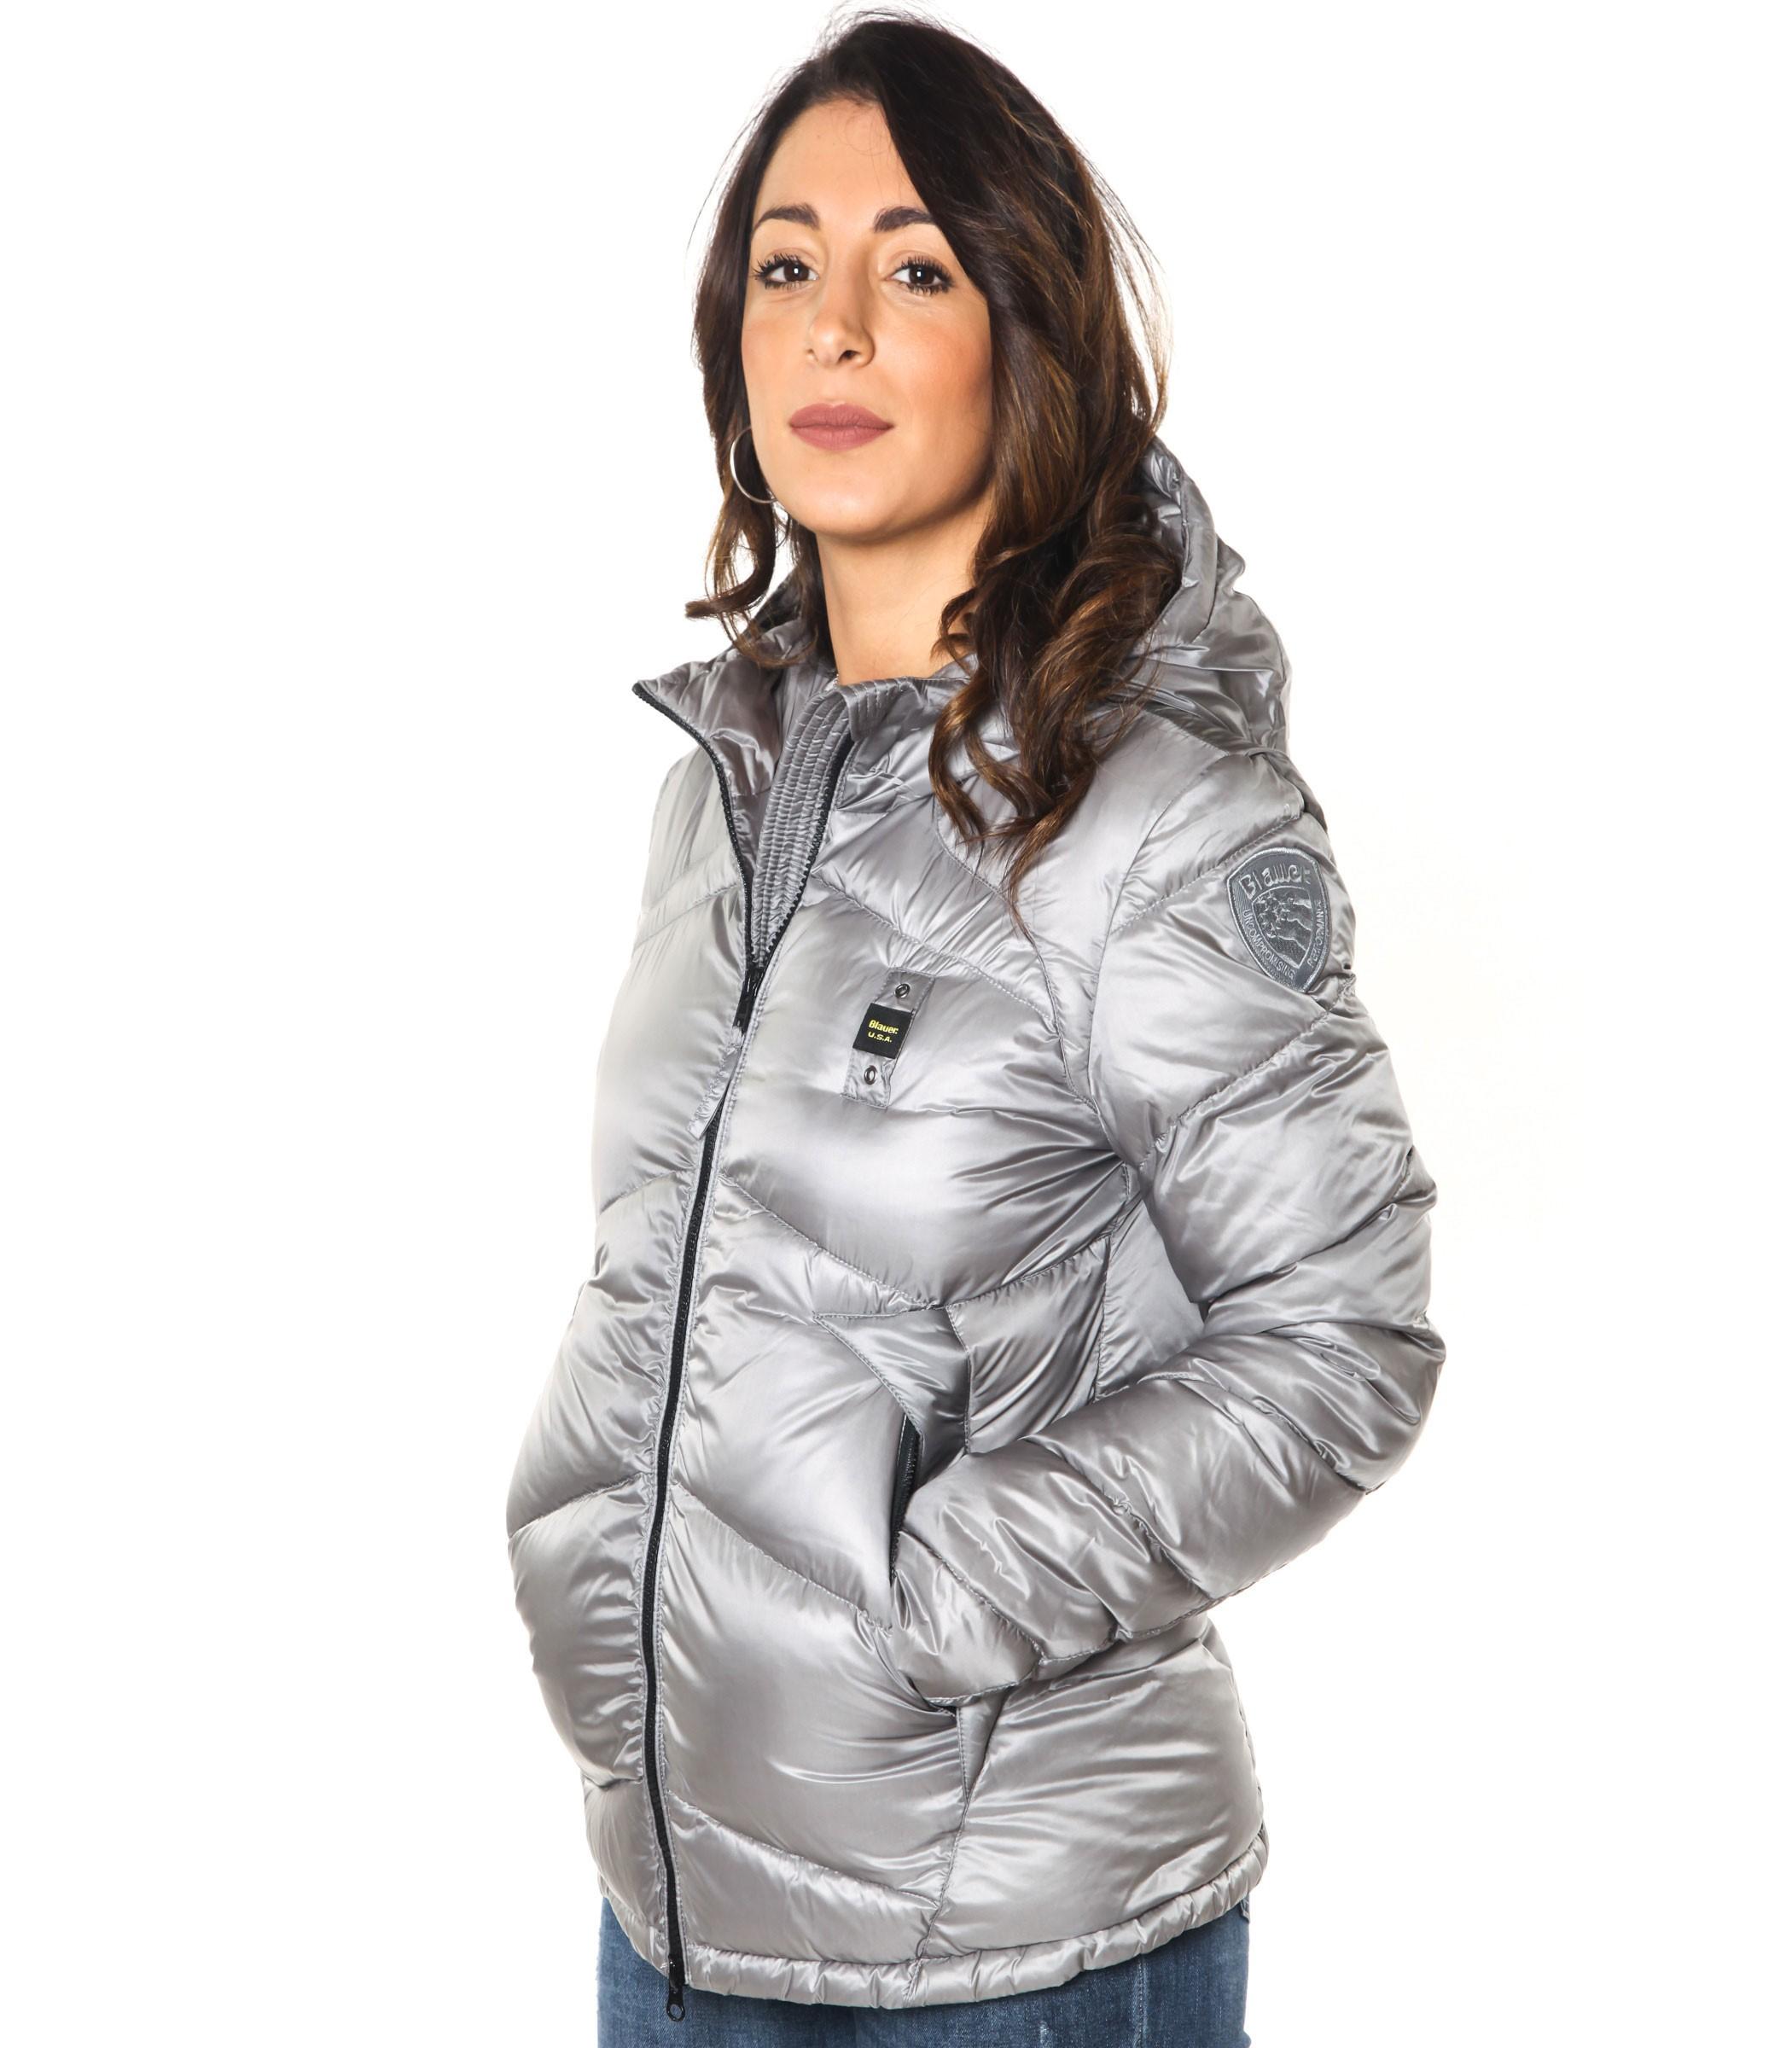 quality design 30de0 fe308 Giubbotto Piumino Blauer USA cappuccio donna rif ...